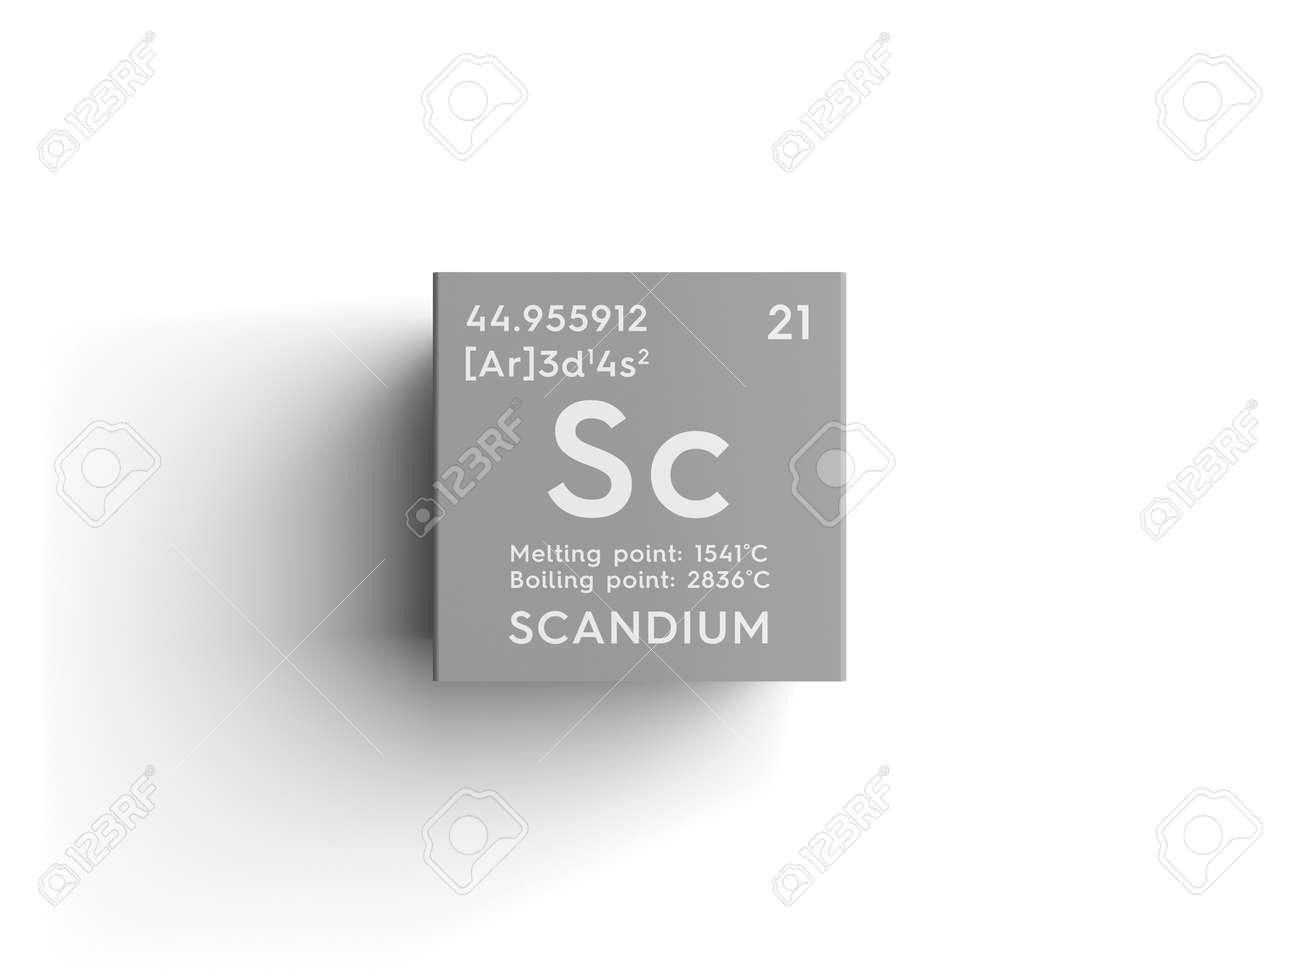 Escandio metales de transicin elemento qumico de la tabla metales de transicin elemento qumico de la tabla peridica de mendeleev scandium urtaz Choice Image